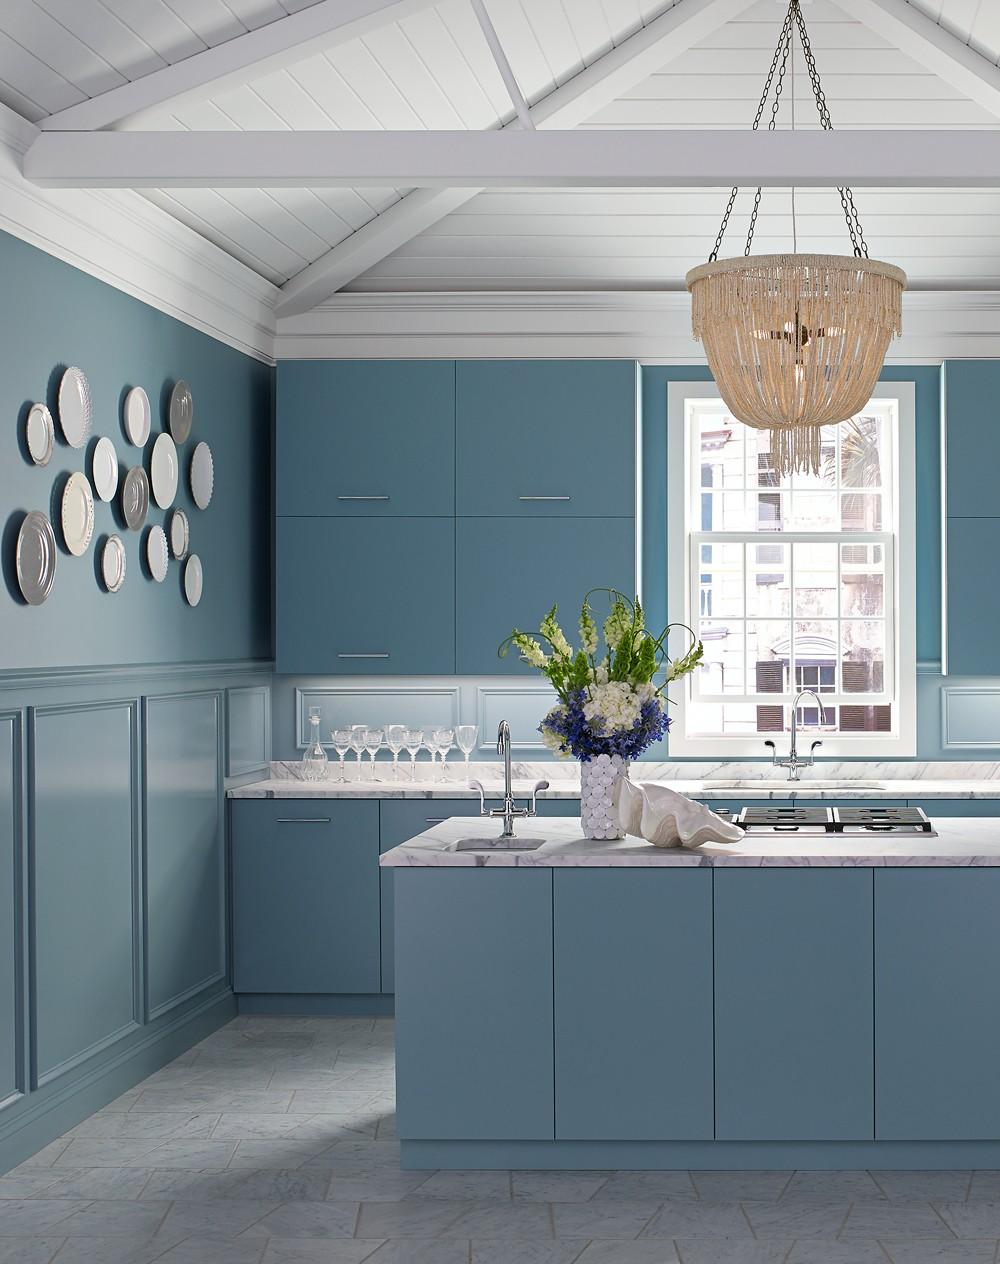 Essex Kitchen & Bar Faucets 8762, Hartland Kitchen Sink 5818, Northland Bar Sinks 5818